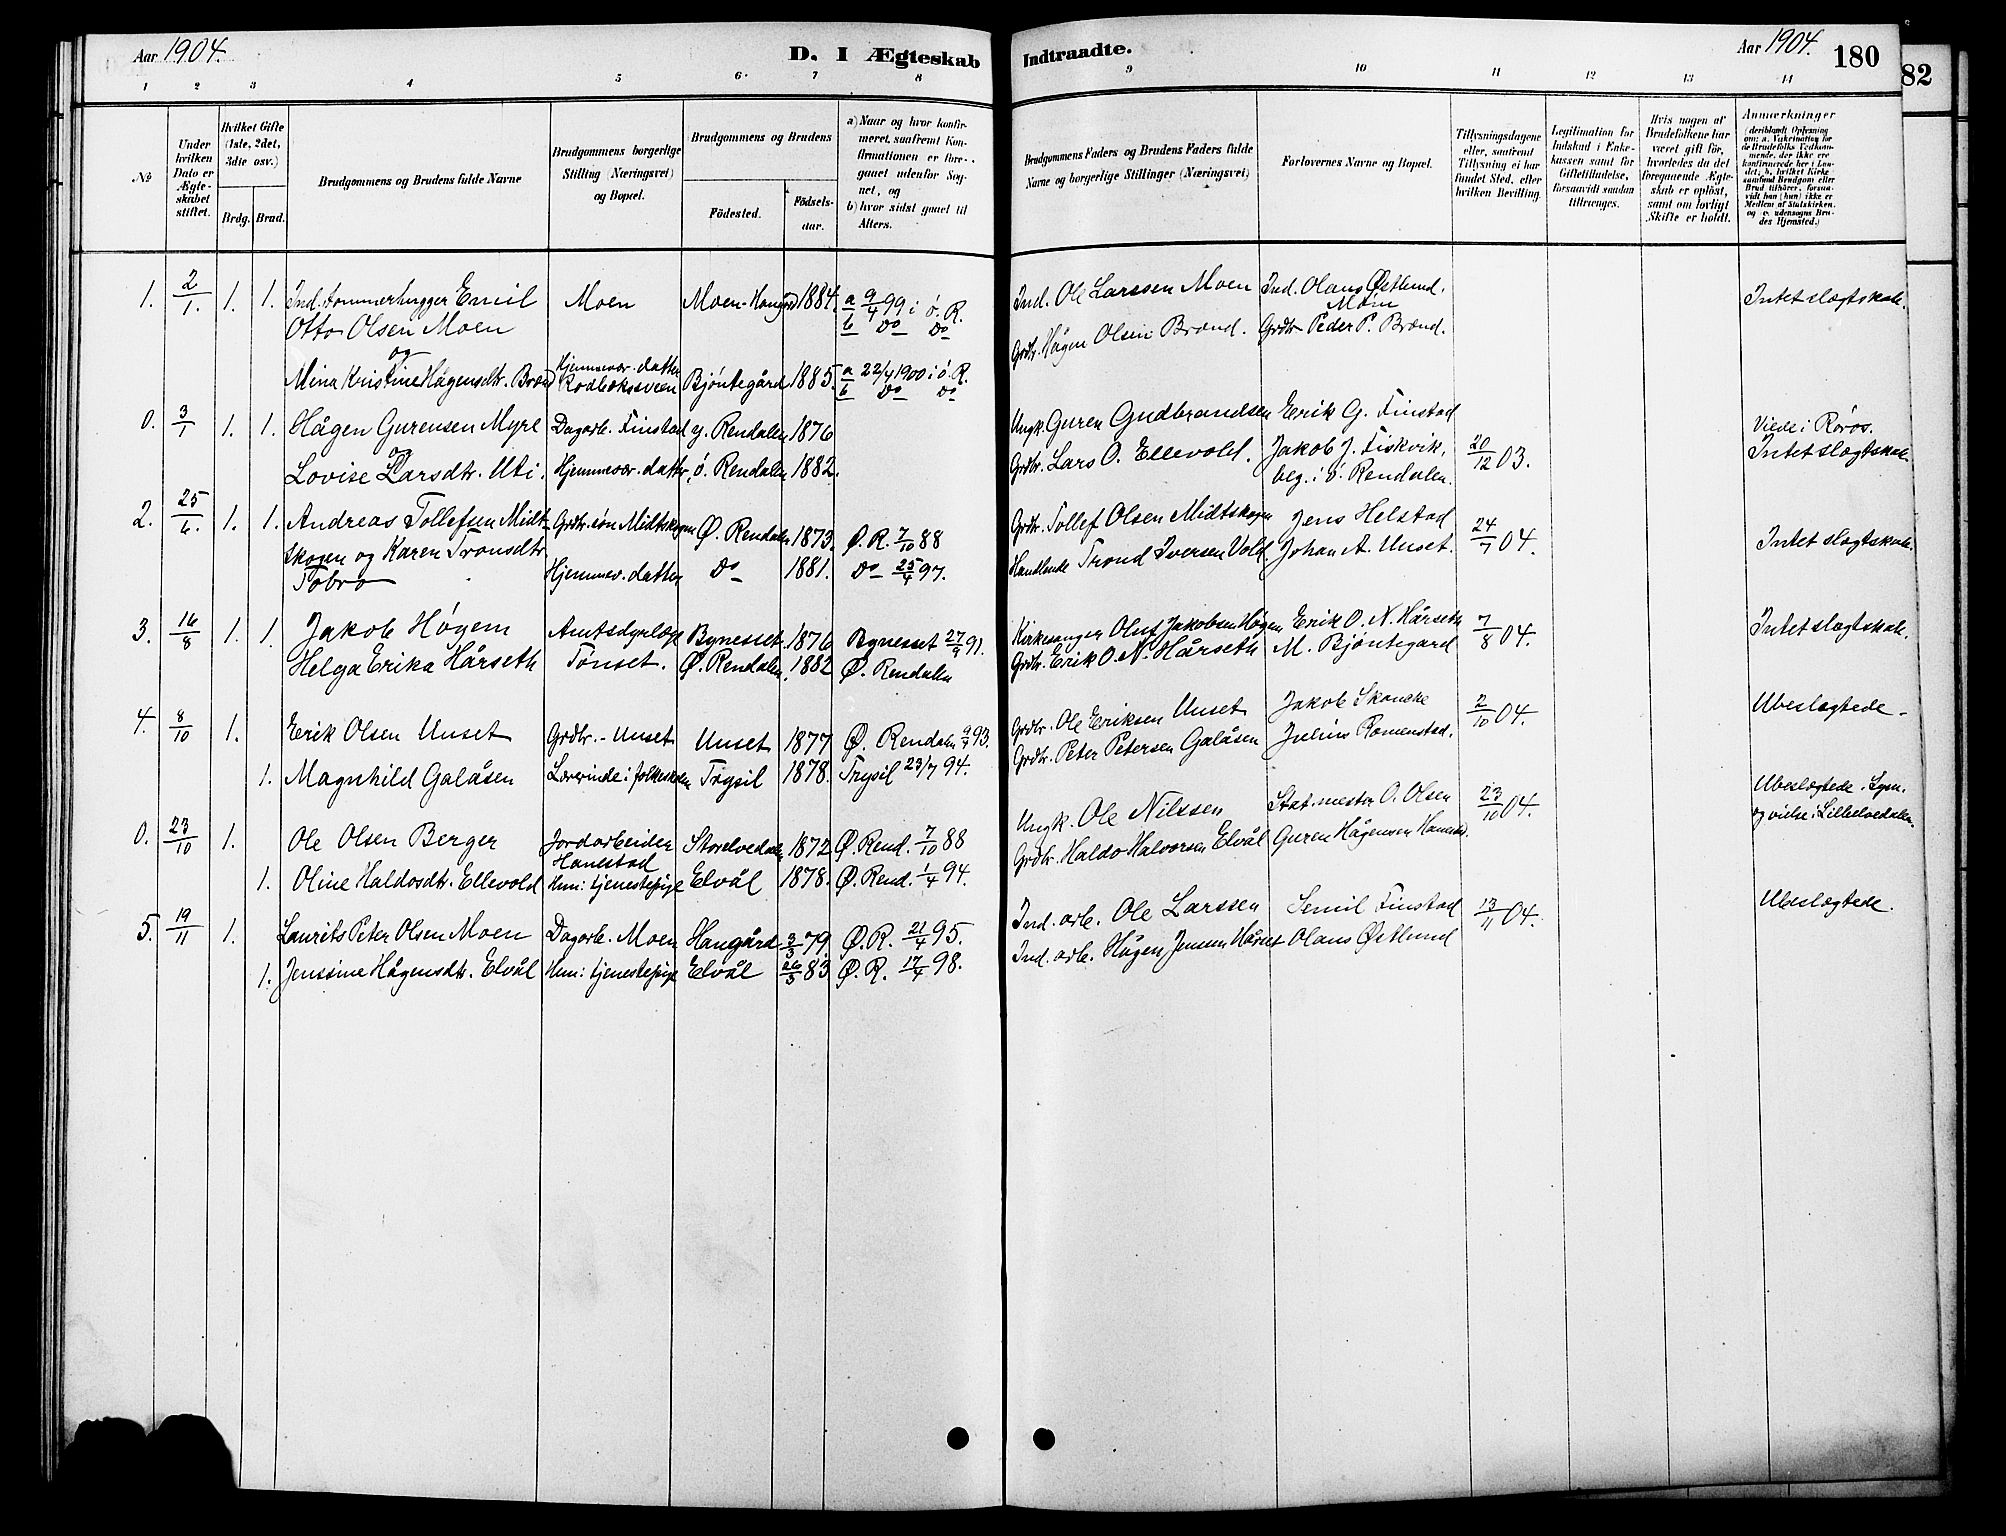 SAH, Rendalen prestekontor, H/Ha/Hab/L0003: Klokkerbok nr. 3, 1879-1904, s. 180